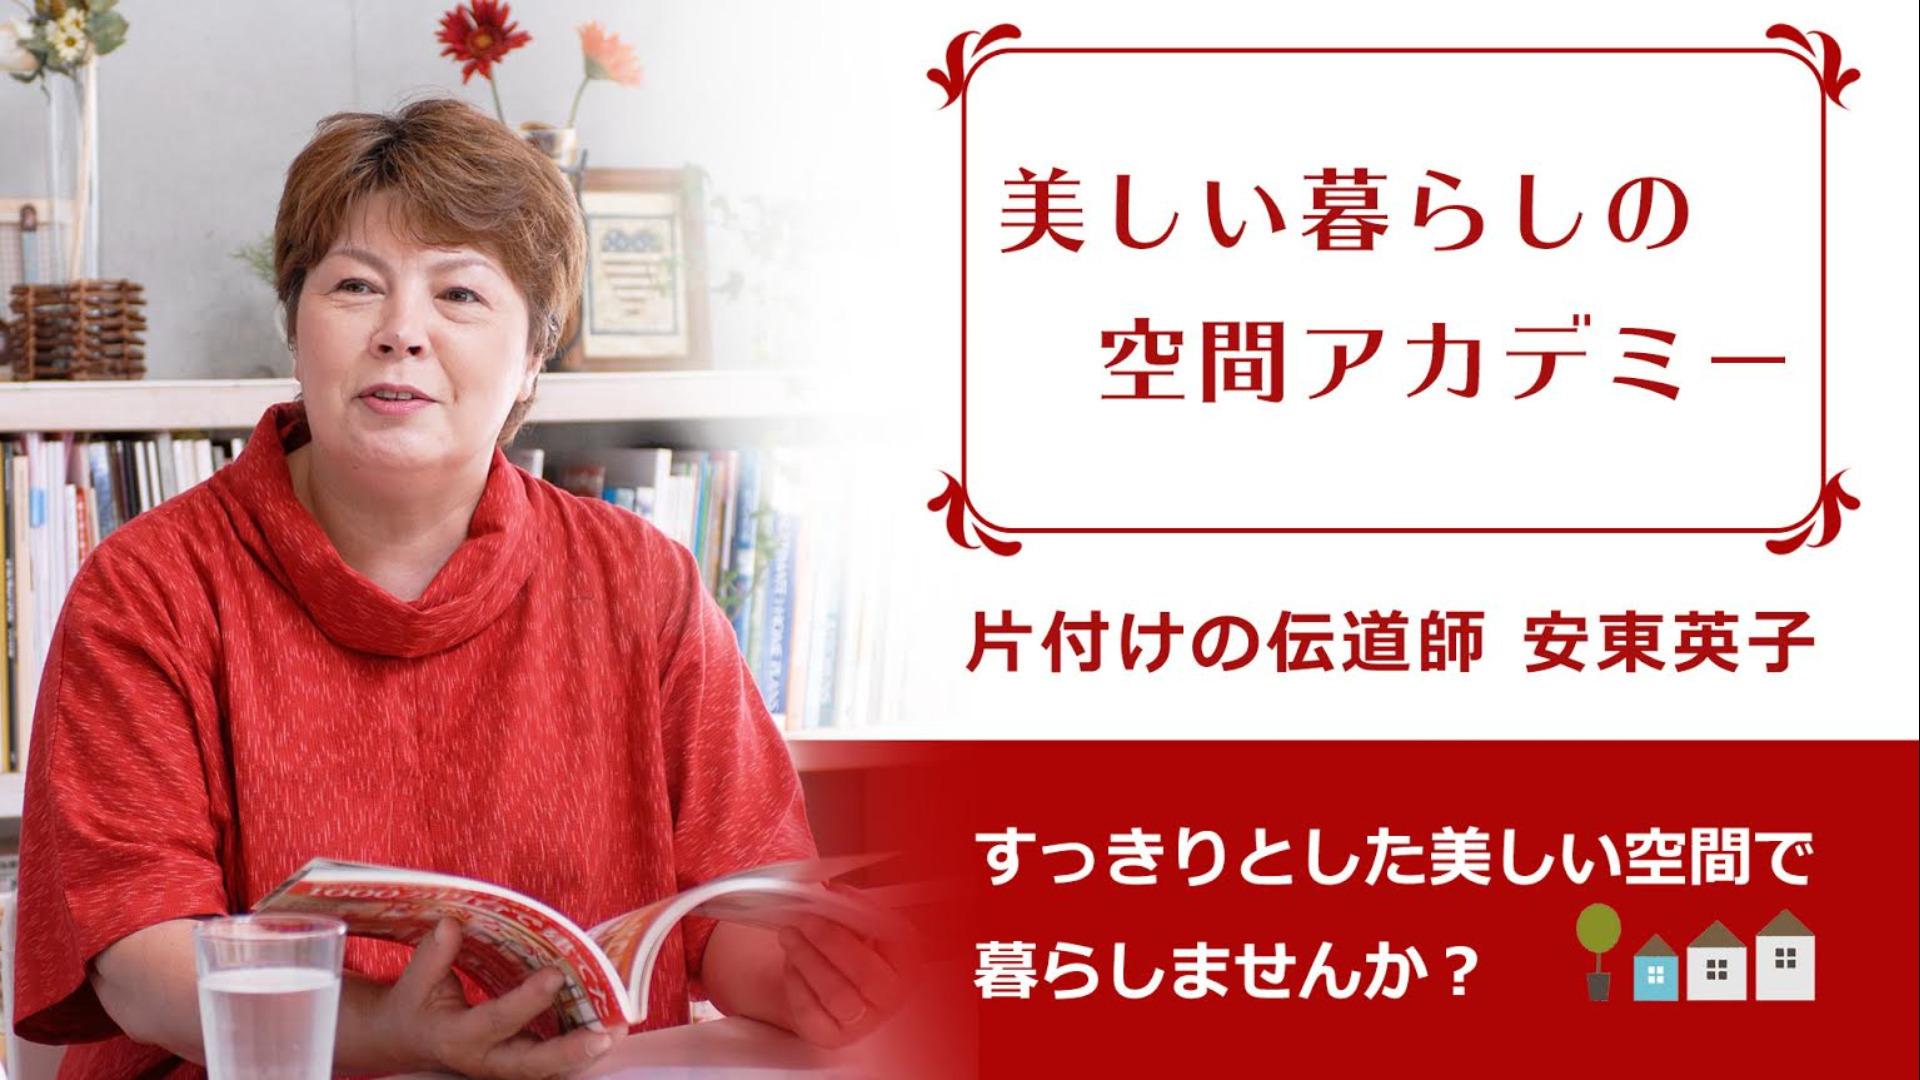 安東英子 Eiko Andou - 美しい暮らしの空間アカデミー - DMM オンラインサロン